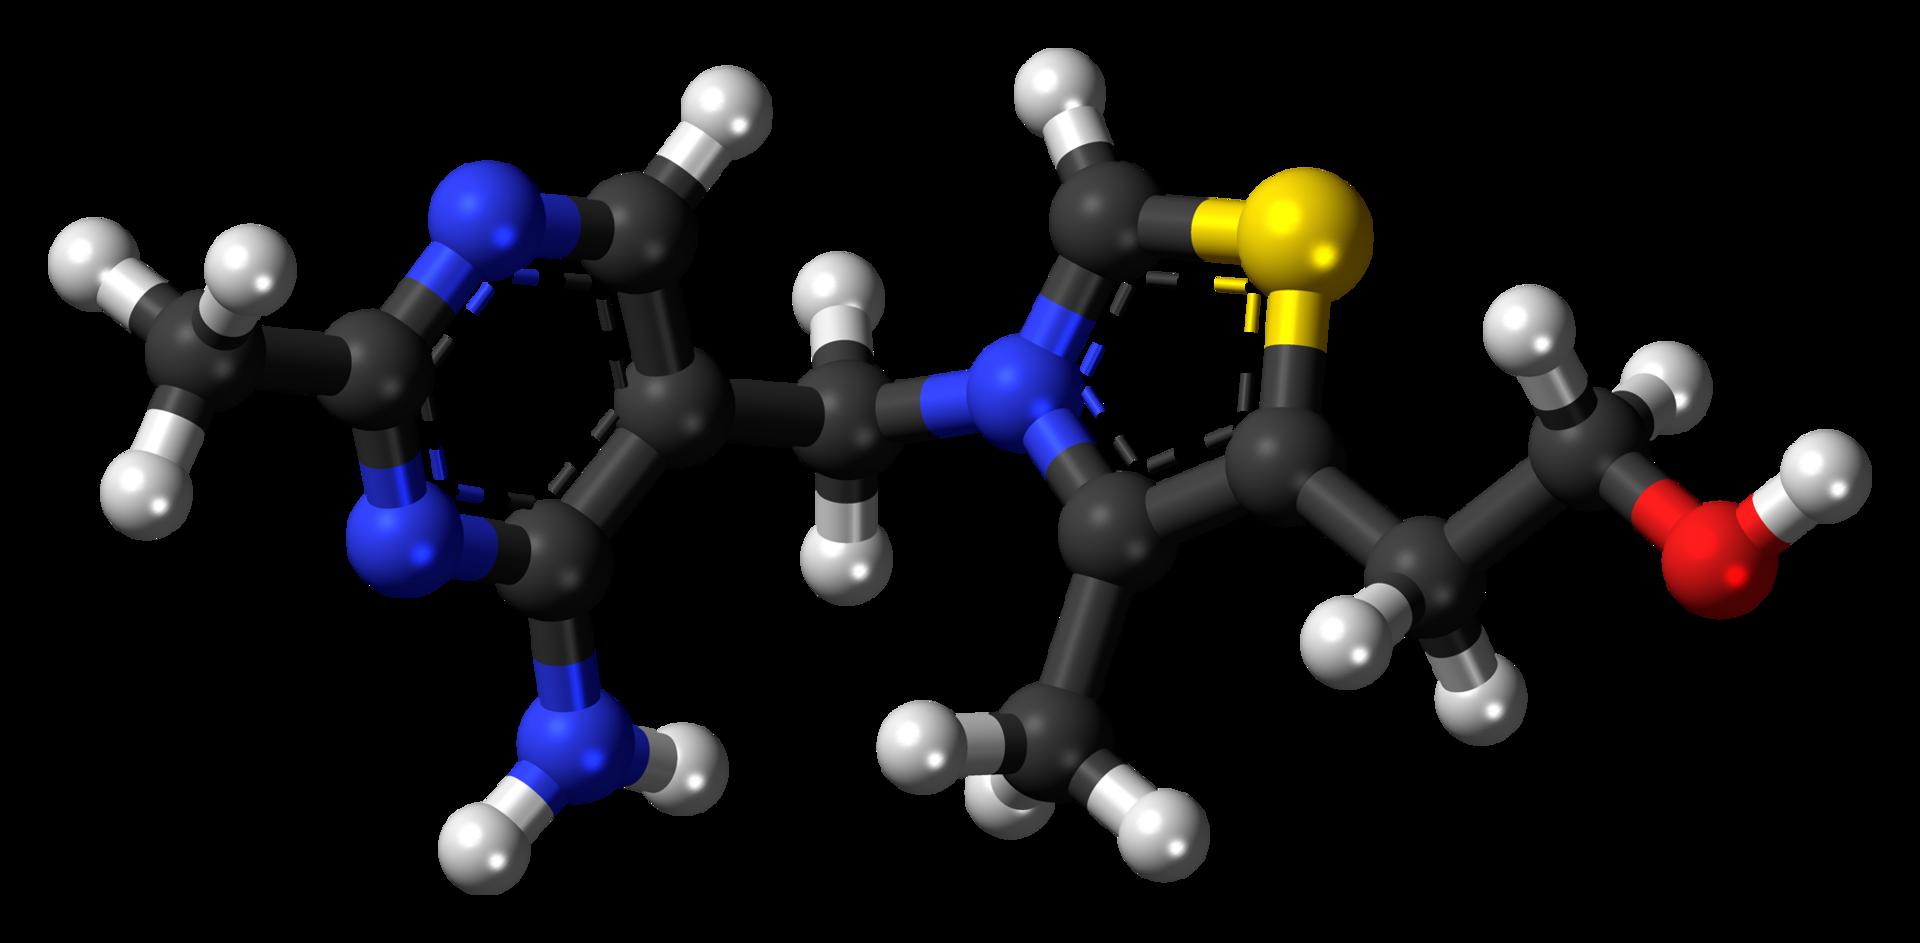 Витамин B1 поможет при лечении расстройств сна и бодрствования